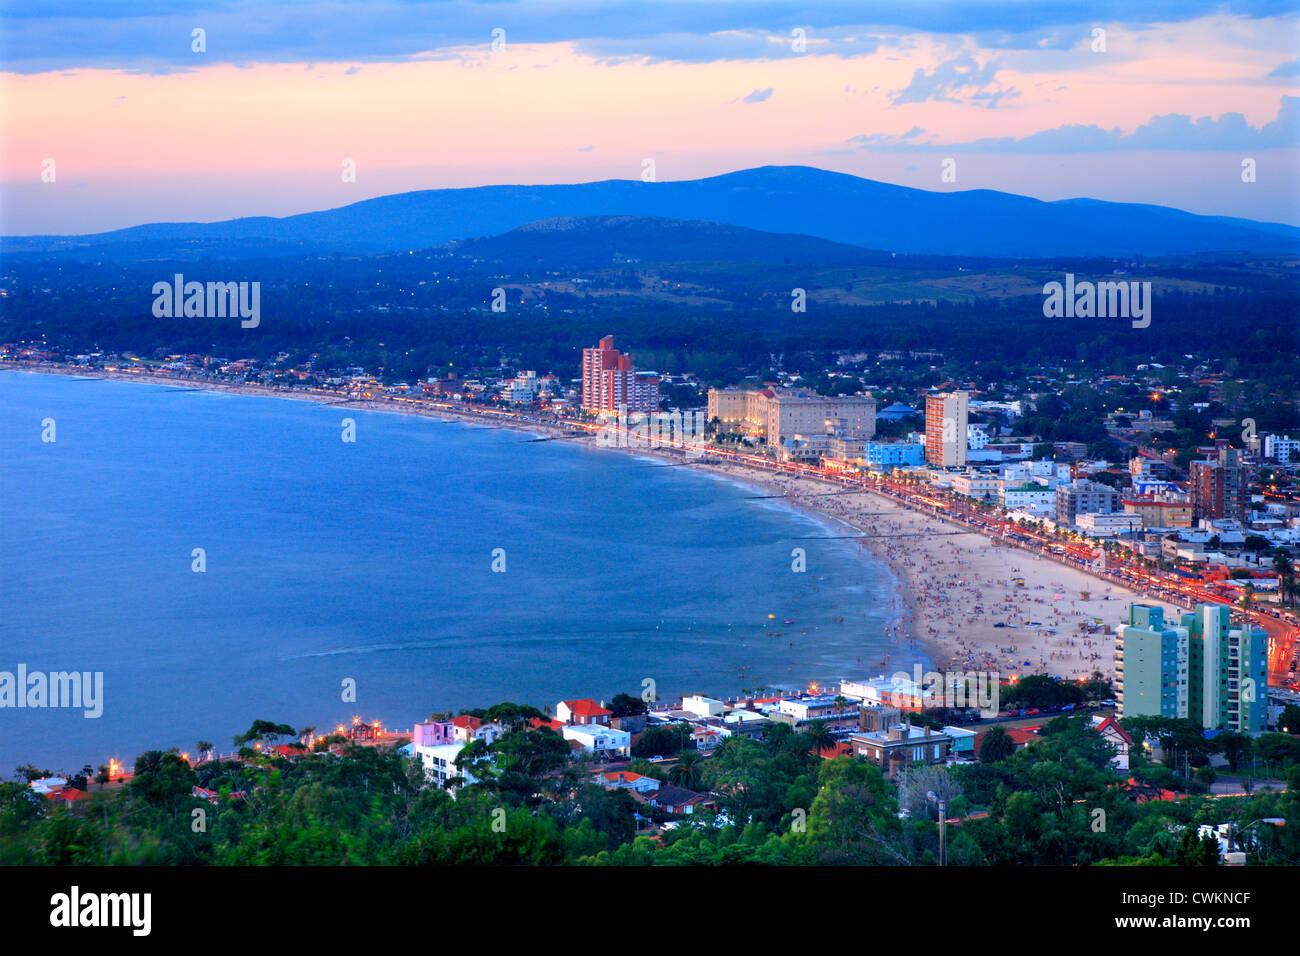 Vue aérienne de la ville de Piriapolis et plage. Maldonado, Uruguay, Amérique du Sud Photo Stock